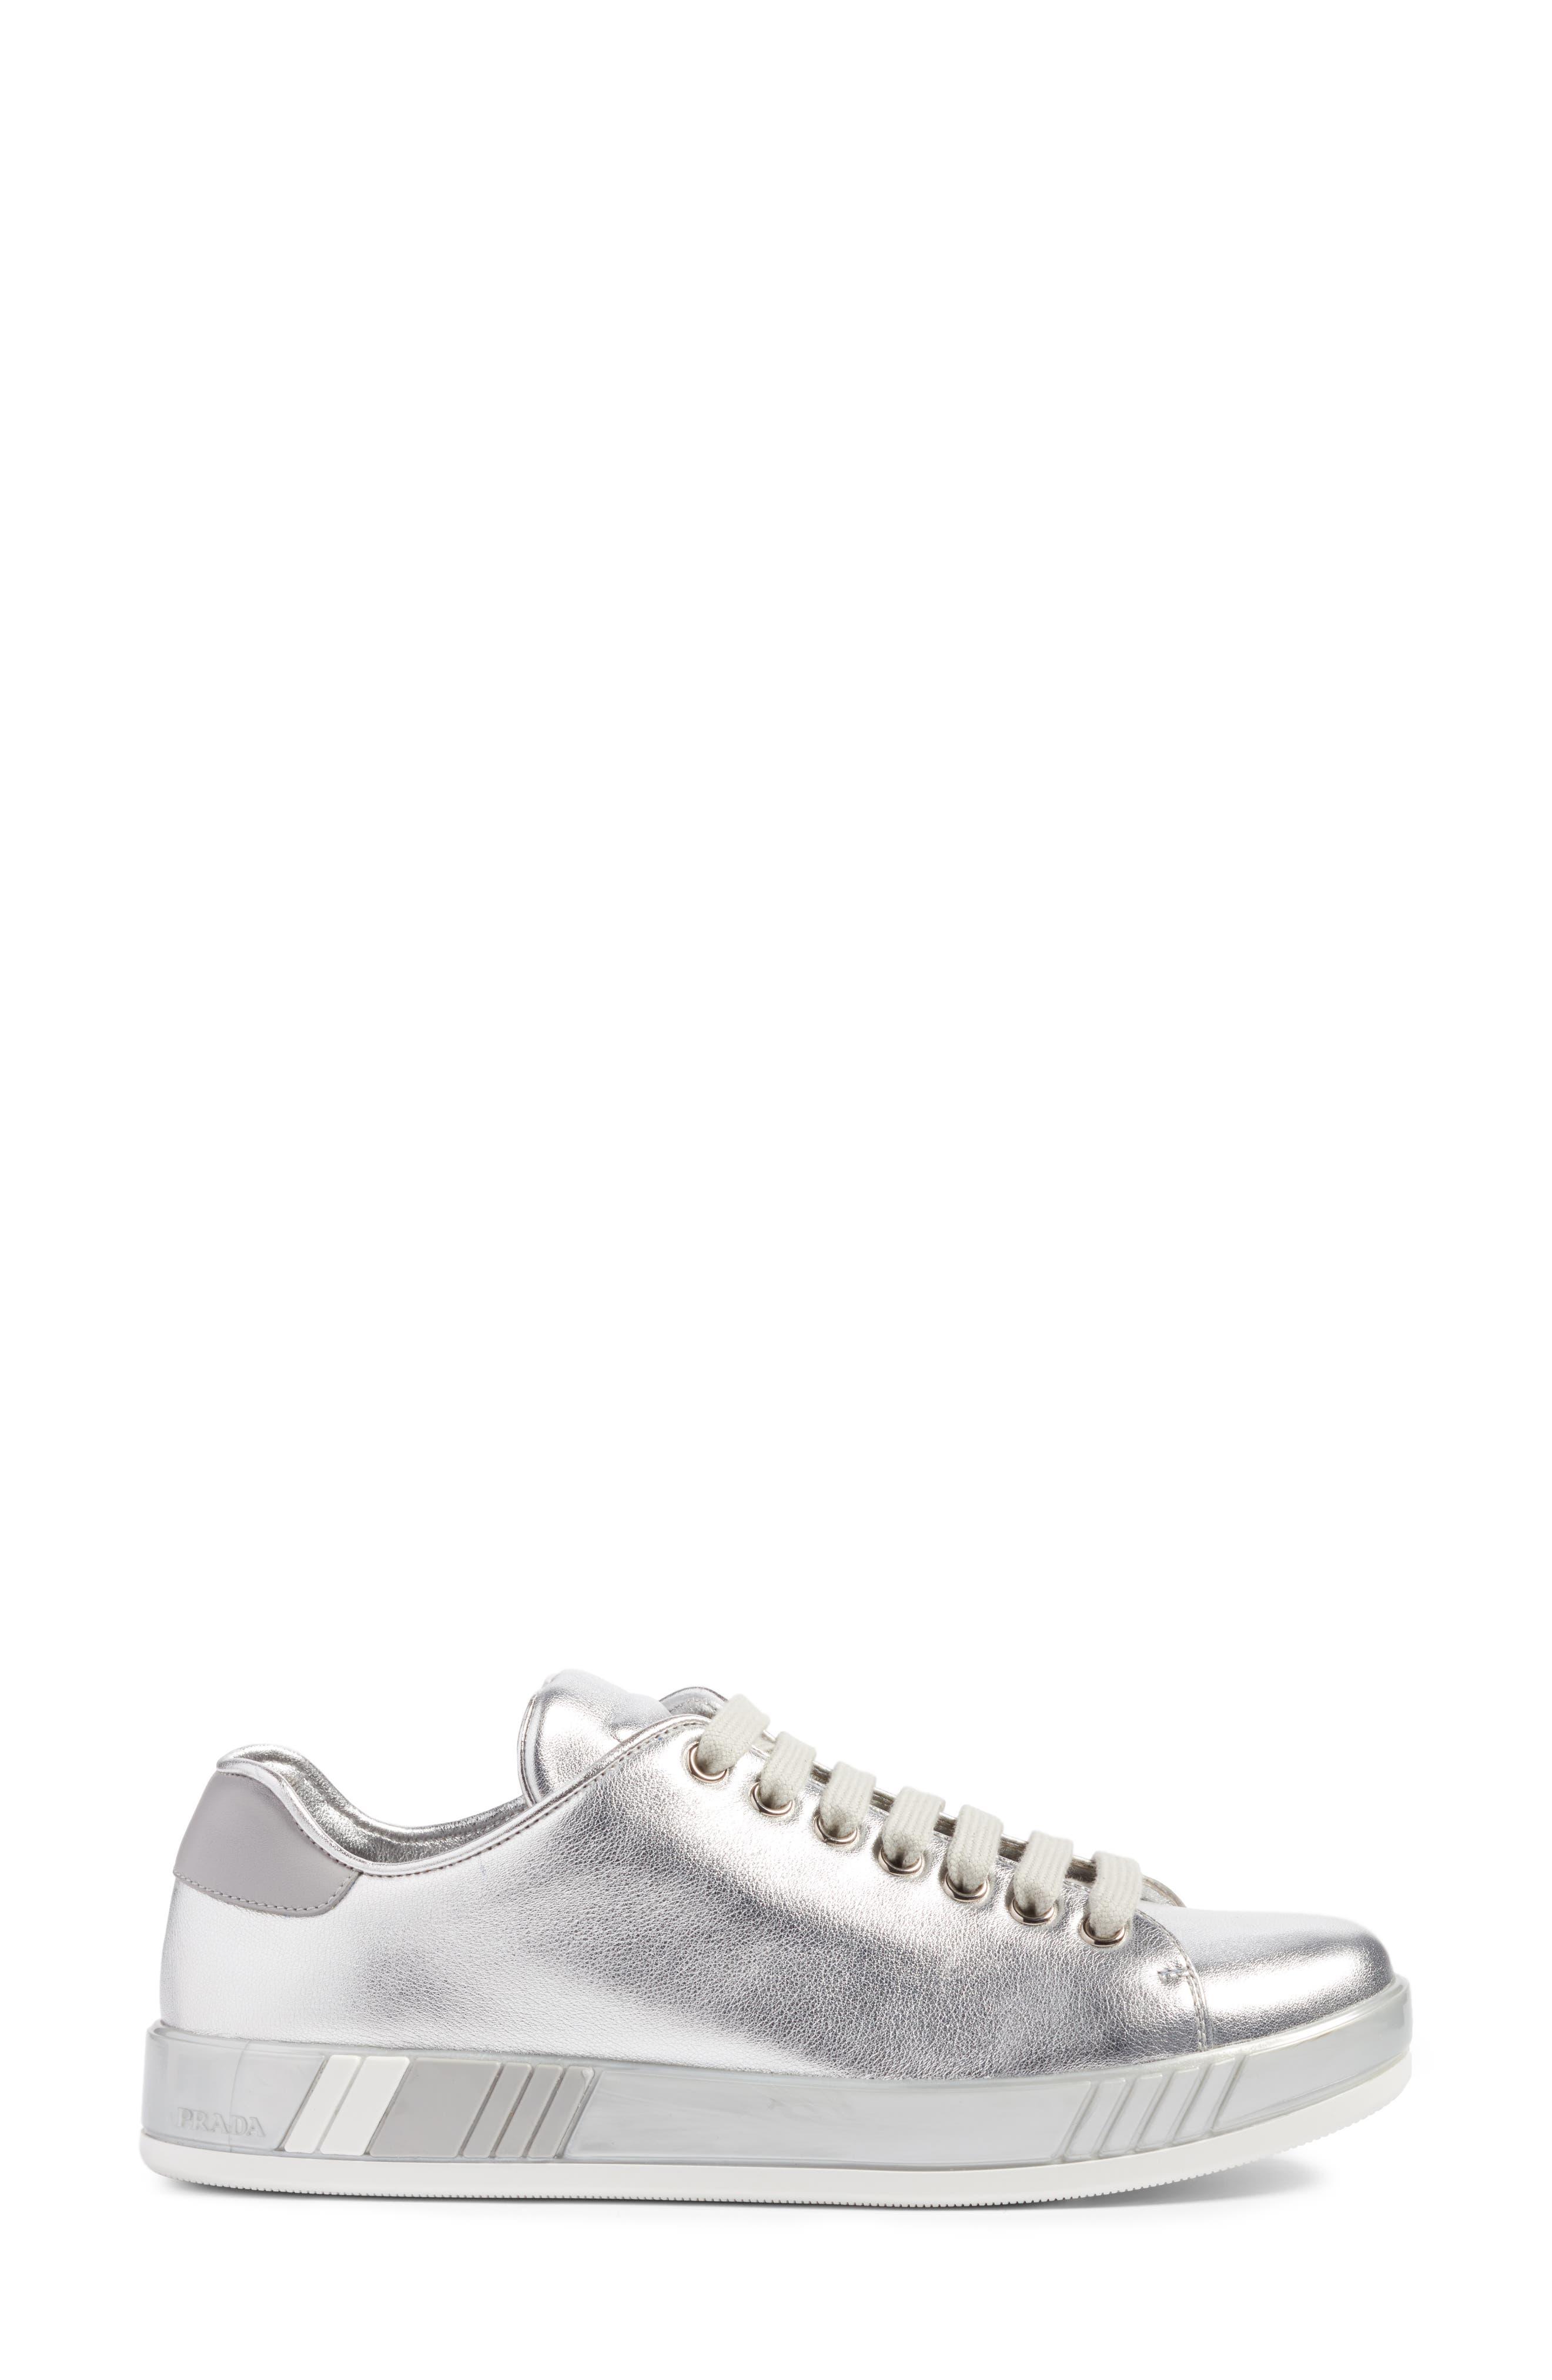 Alternate Image 3  - Prada Low Top Sneaker (Women)